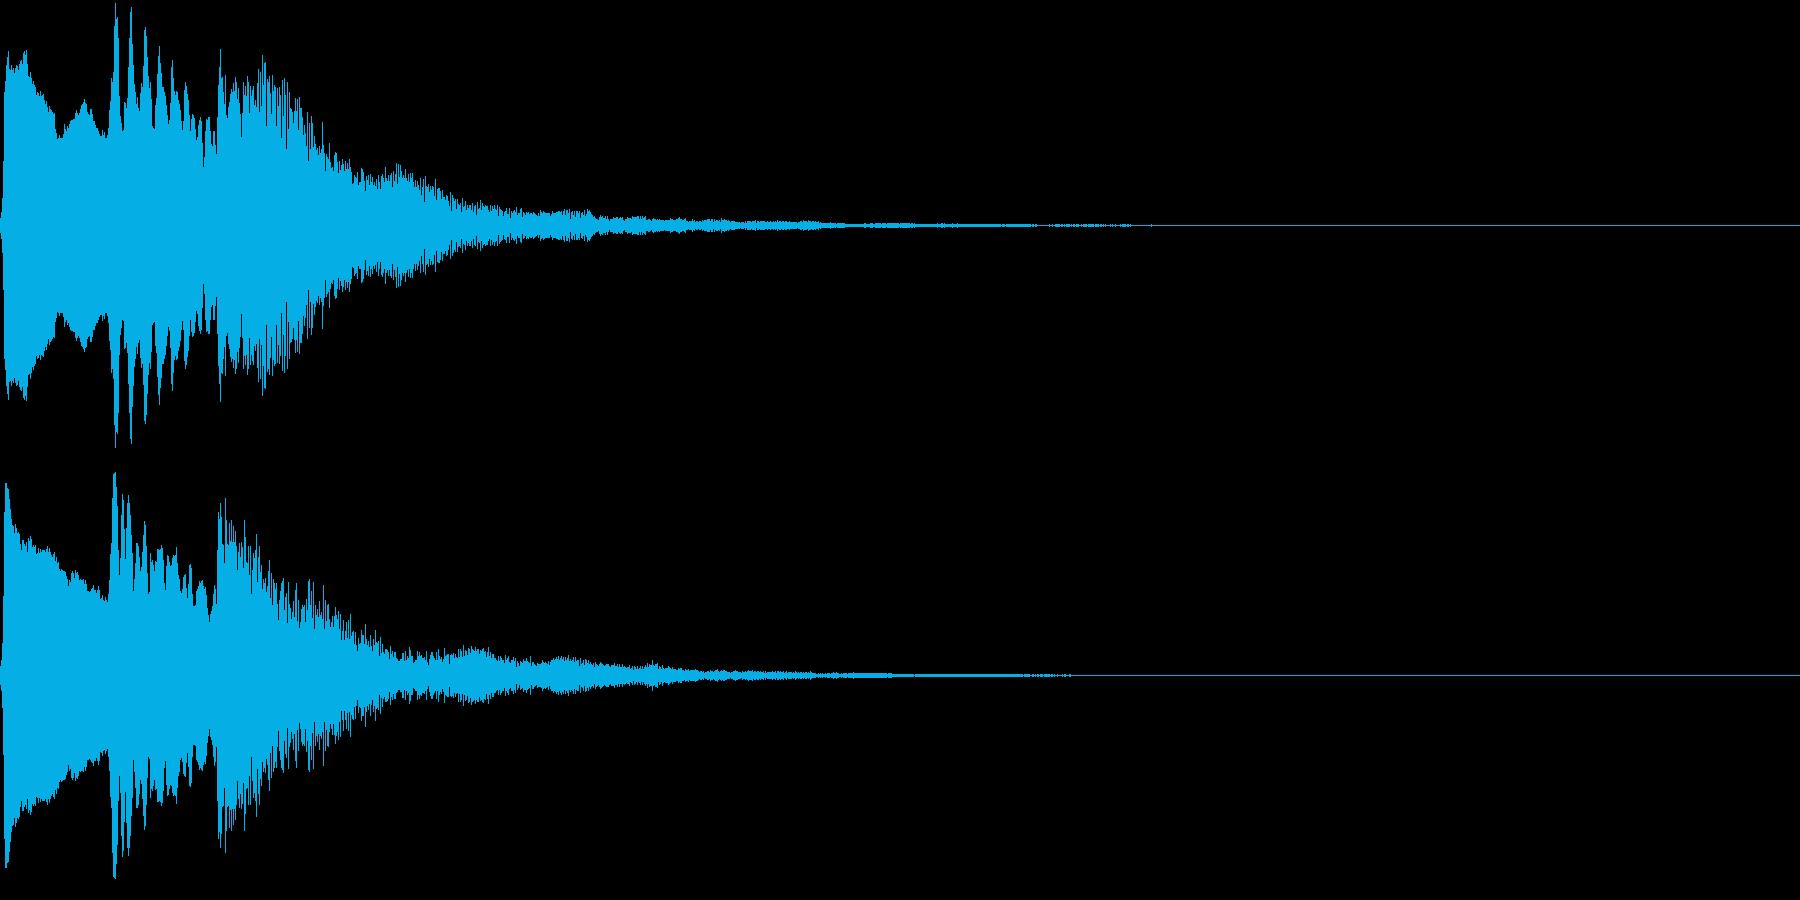 PopSynth ぷっくり可愛い電子音6の再生済みの波形